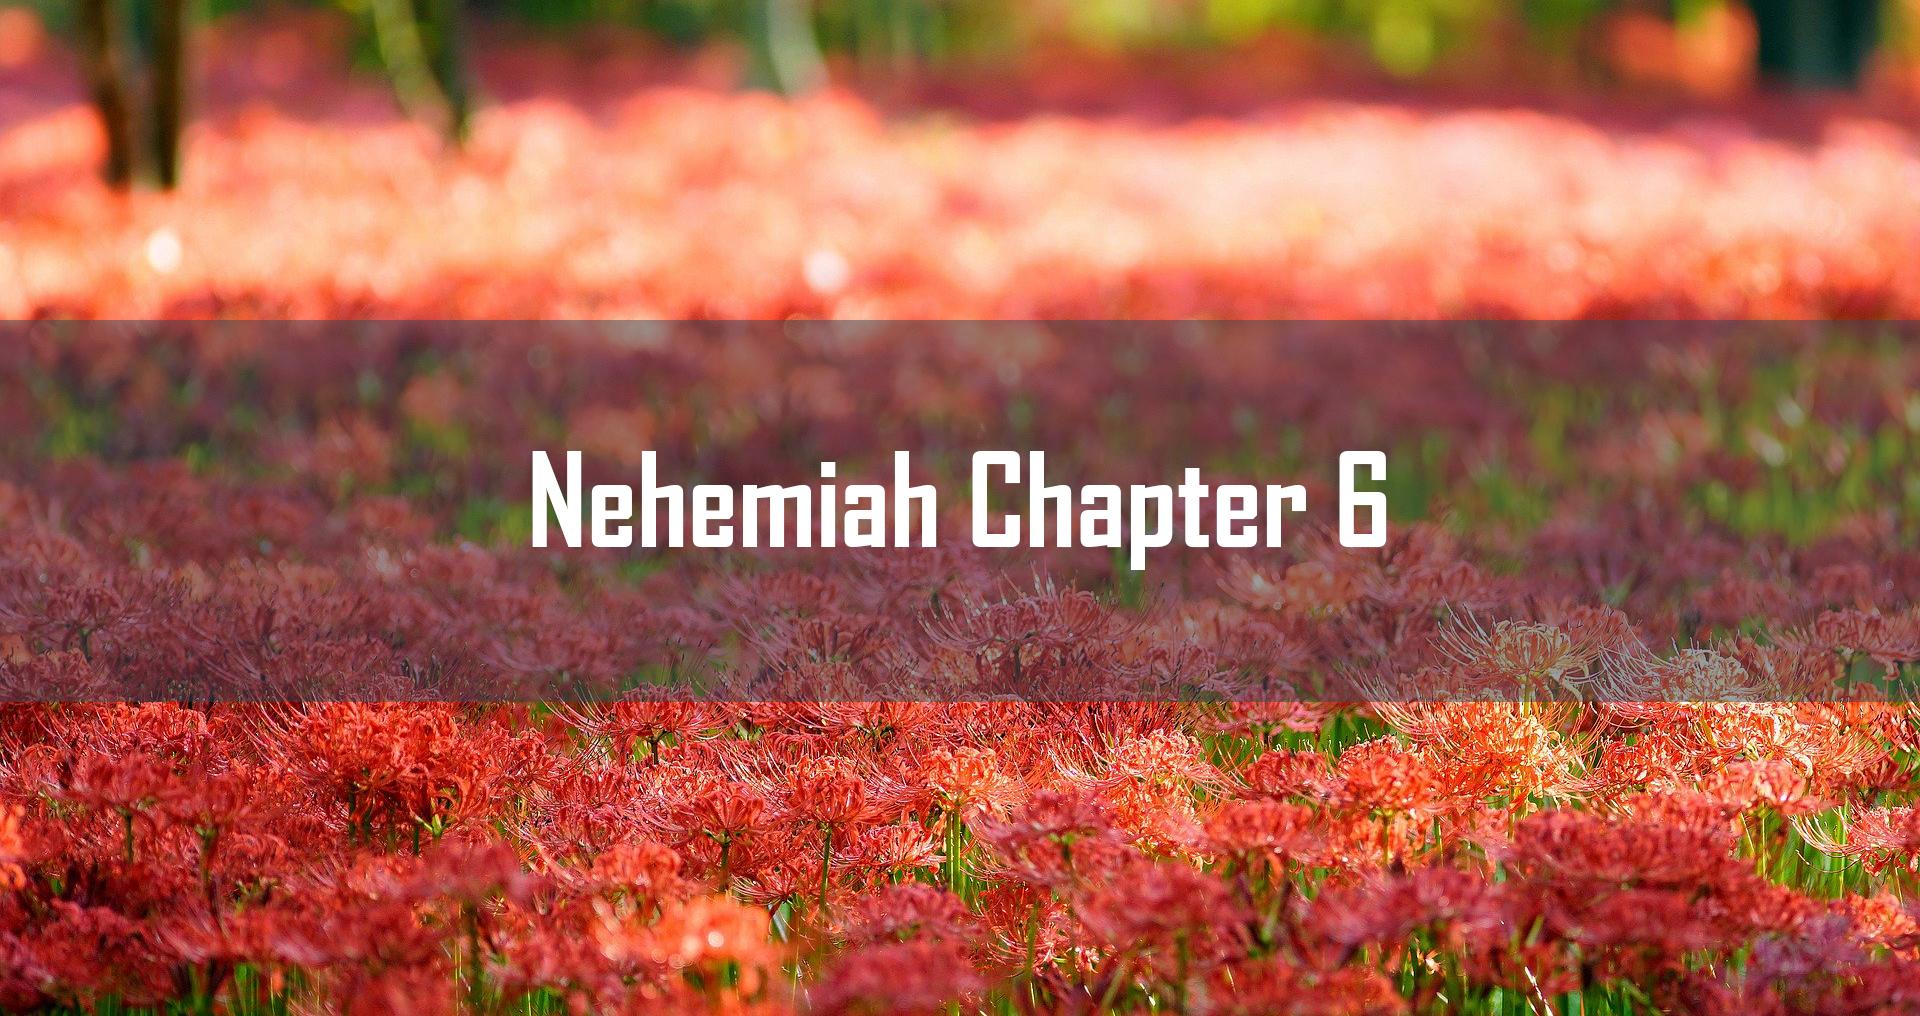 Nehemiah Chapter 6<br/> Sunil Abraham</br>